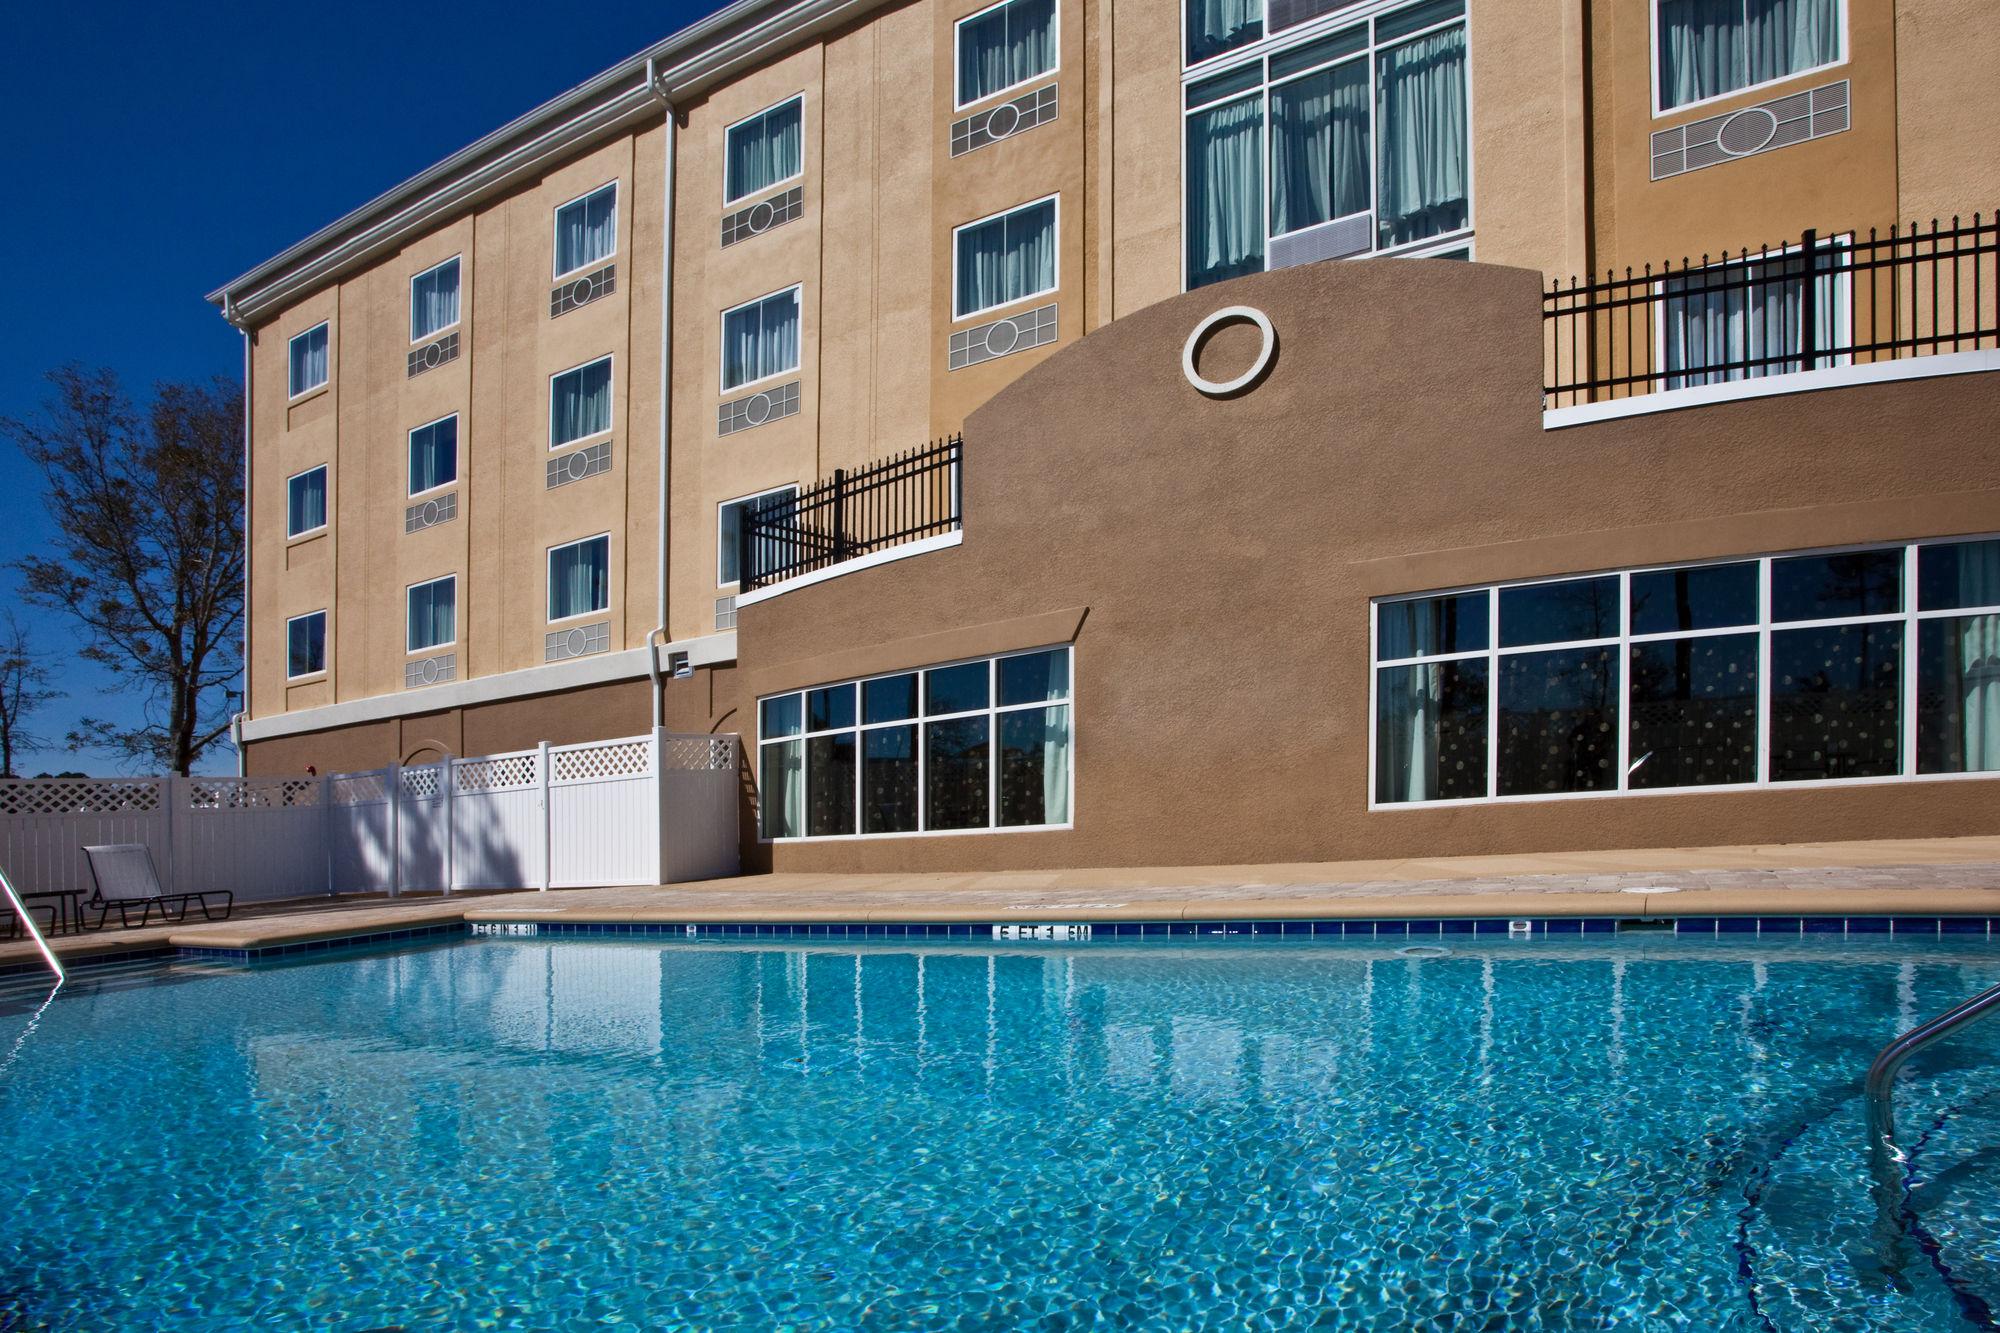 Holiday Inn Express Palatka Northwest in Palatka, FL